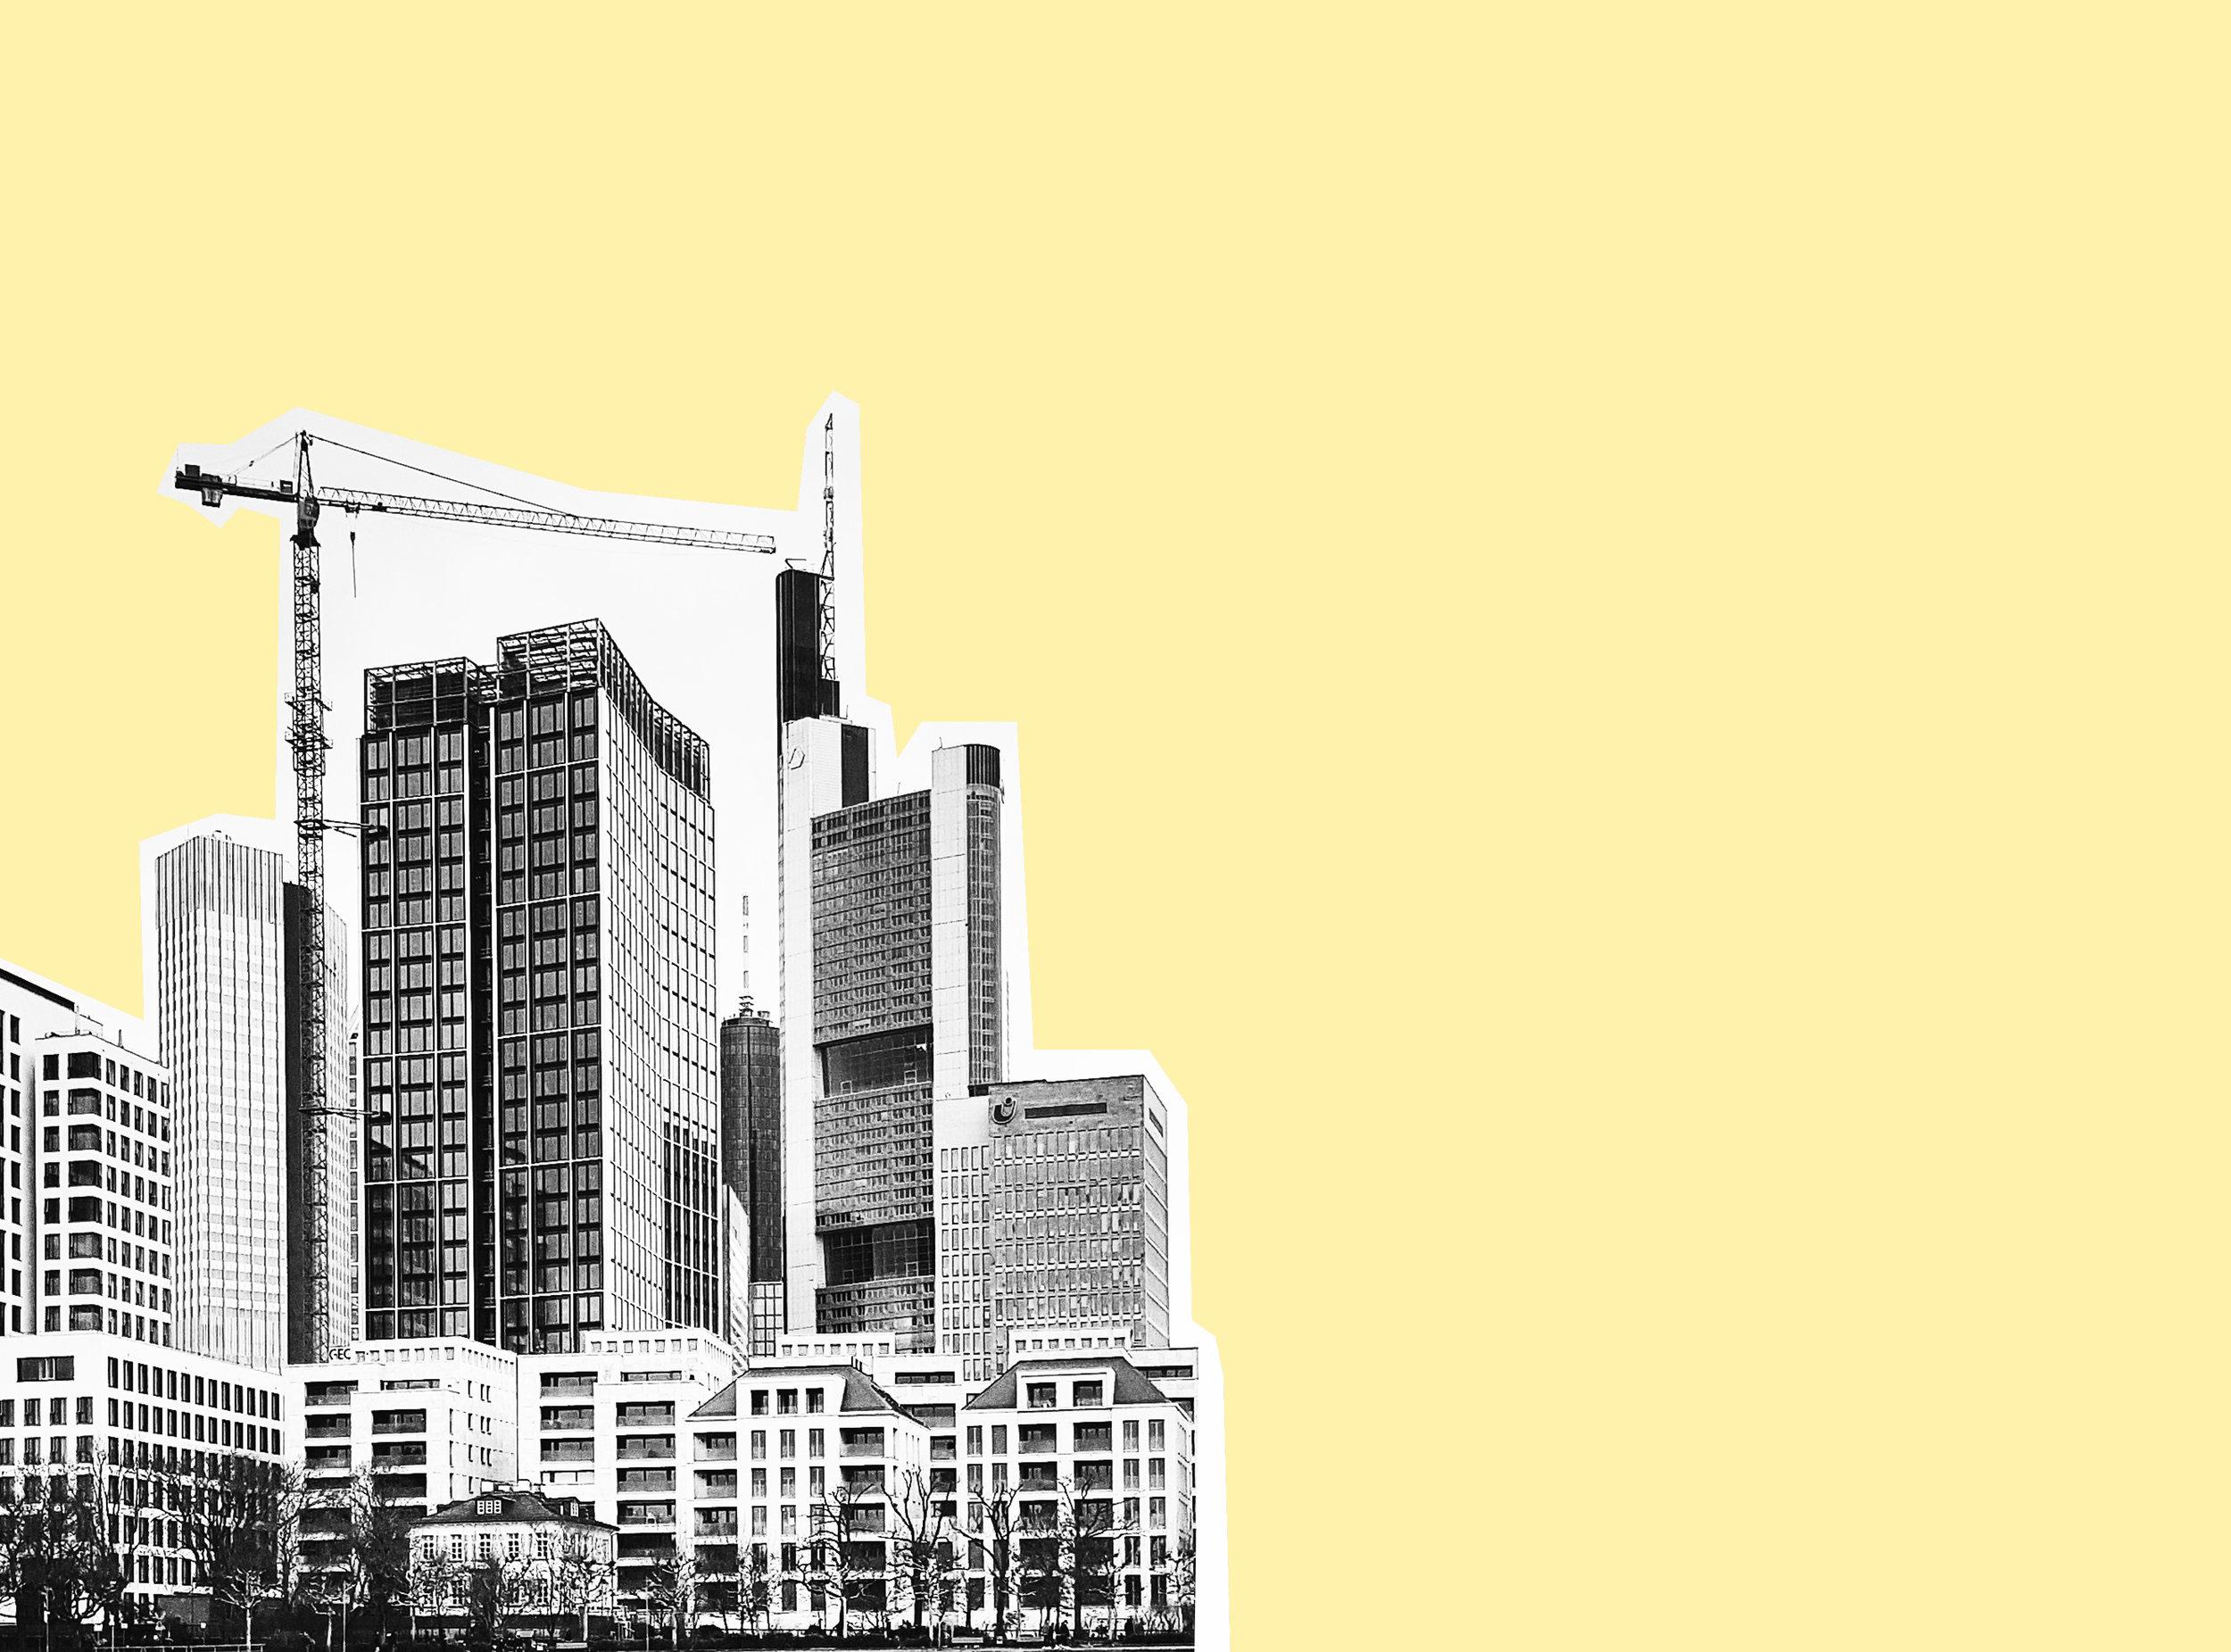 RISTRUTTURAZIONI - Offriamo servizi completi di ristrutturazioni edilizie, dalla consulenza e sopralluogo iniziale fino al termine dei lavori, seguendo tutte le fasi per migliorare il comfort dell'immobile esistente.